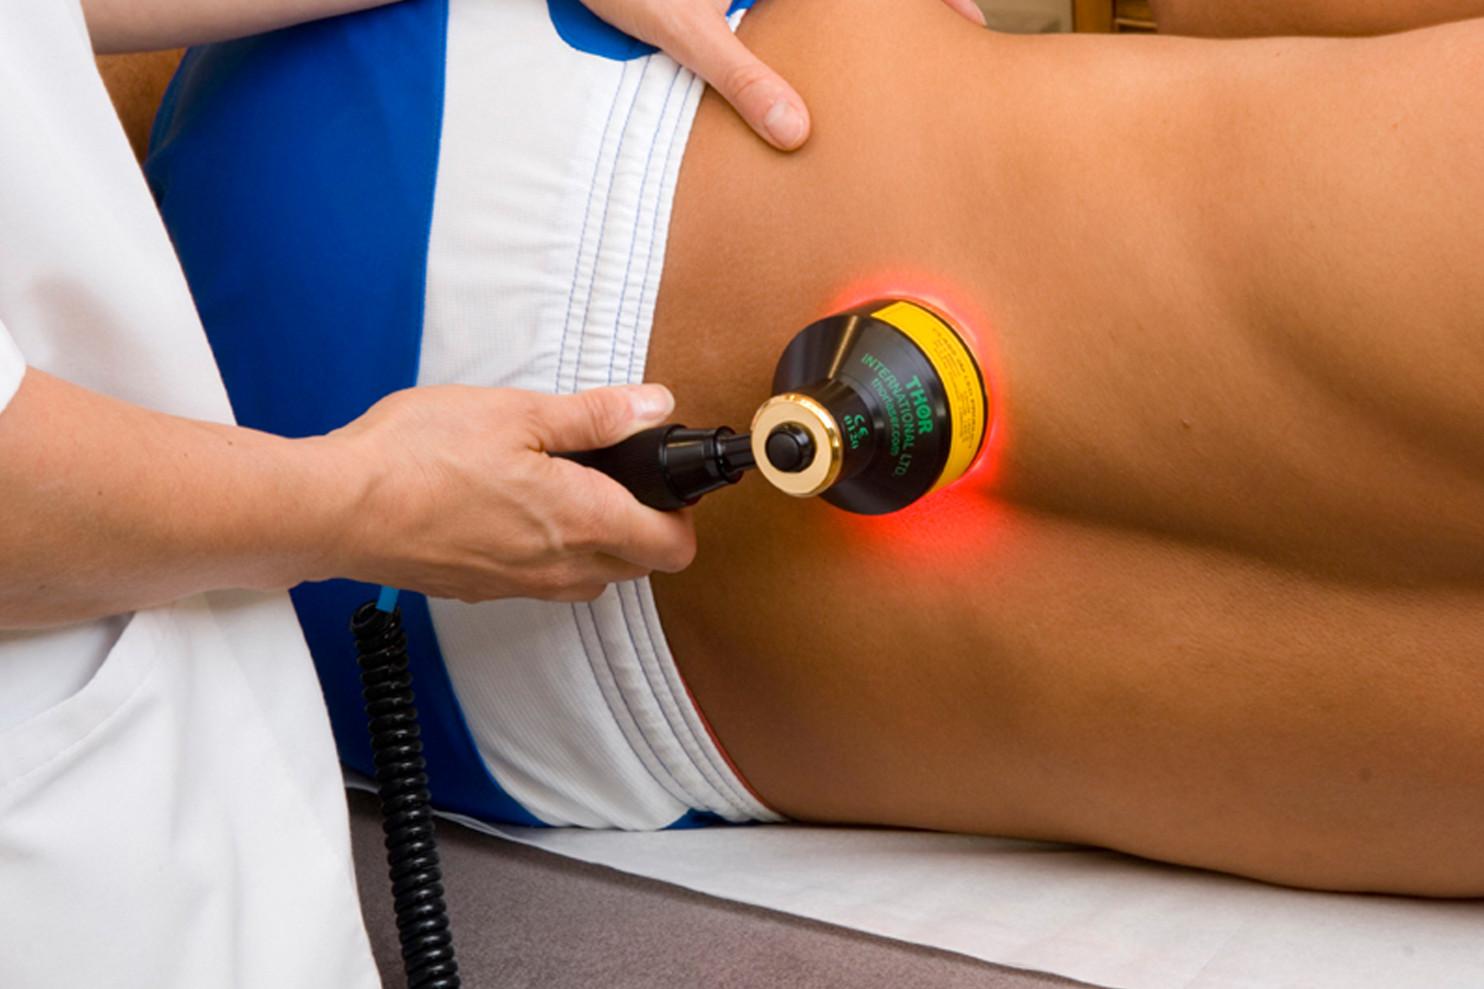 Лазер при лечении грыжи позвоночника